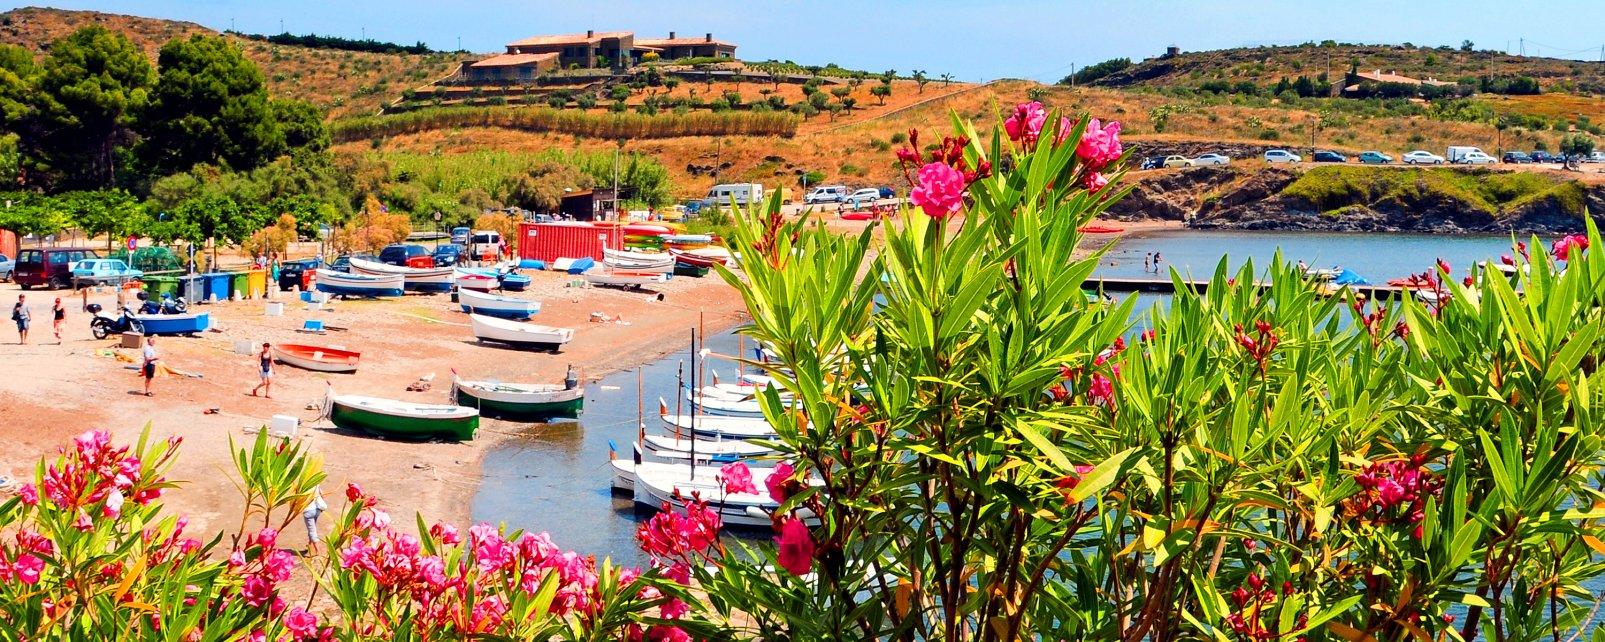 Cadaqués, From Cadaqués to Cap de Creus, Coasts, Figueres, Catalonia